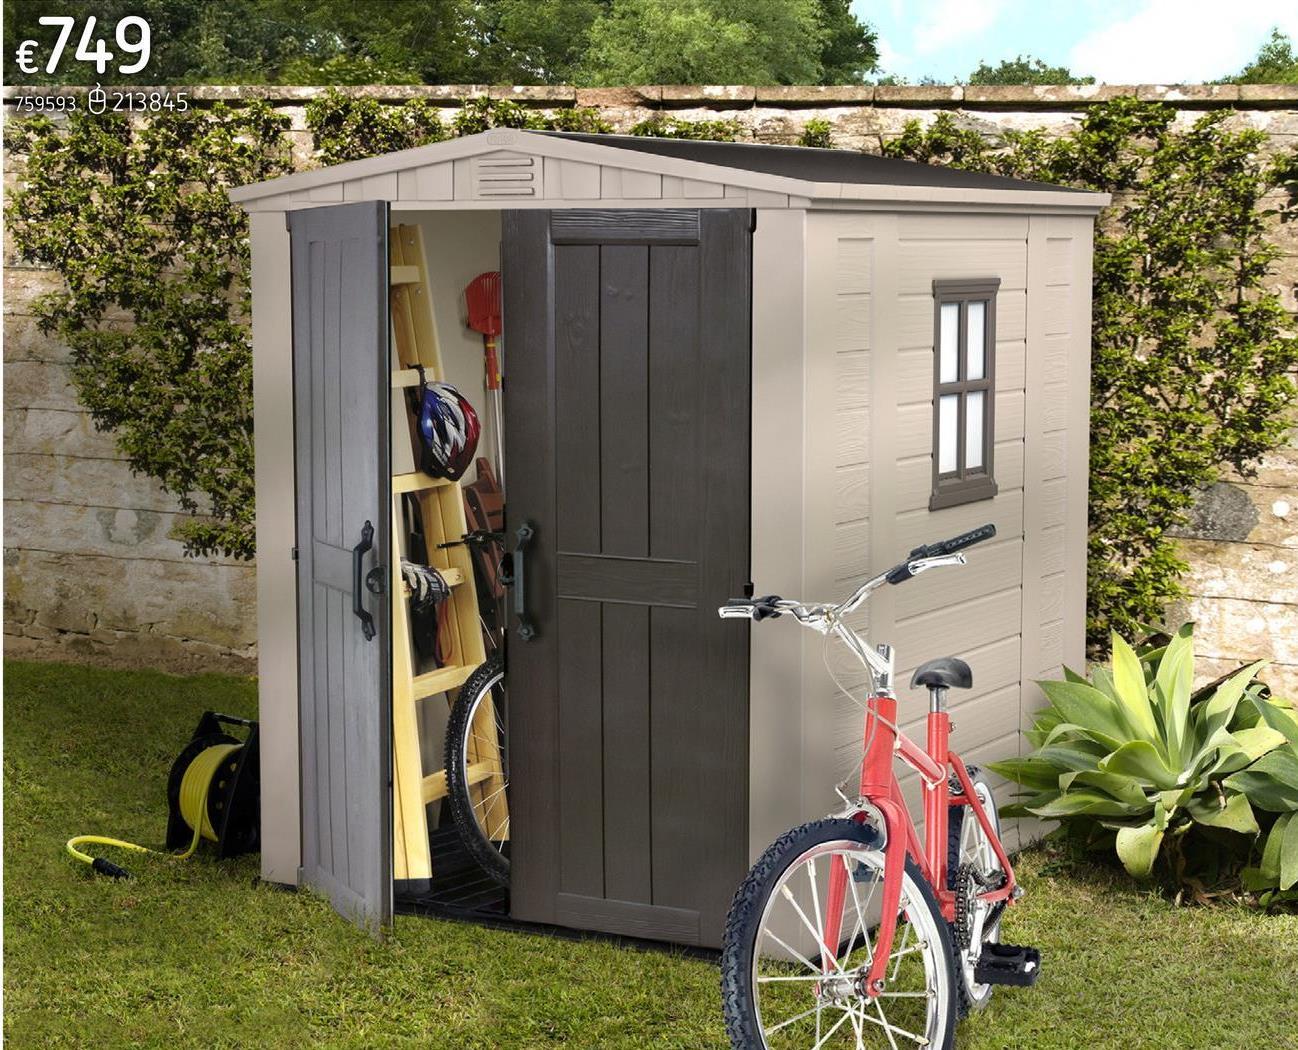 Keter Allibert tuinhuis Factor 66 beige/taupe Het kunststof tuinhuis Factor 66 (D 195,5 x B 178 cm) van Keter is onderhoudsvrij, eenvoudig schoon te maken en gemakkelijk te monteren. Het kunststof tuinhuis Factor 66 van Keter is vervaardigd van kunststof en verstevigd met aluminium profielen. Dankzij de dubbele deur is dit tuinhuis ook geschikt voor grotere machines zoals grasmaaiers, scooters, tuinmeubelen, fietsen en tal van andere spullen. Het tuinhuis is afsluitbaar met een hangslot (niet inbegrepen). Dankzij de gedetailleerde handleiding kan je dit tuinhuis snel en eenvoudig monteren.